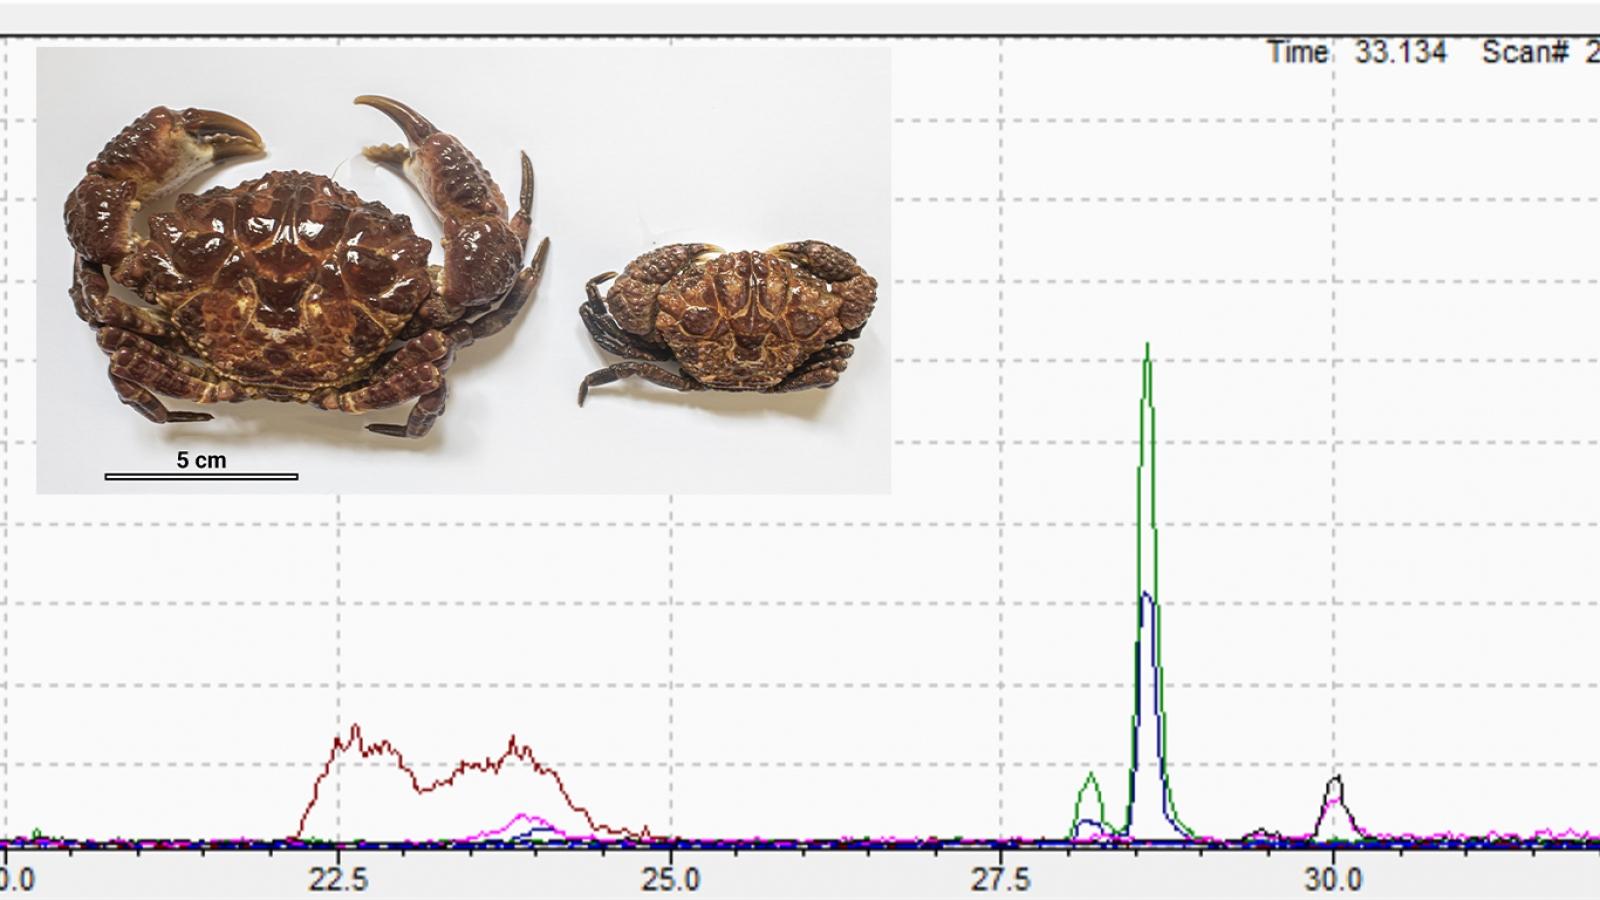 Xác định được độc tố trong mẫu vật cua biển gây ngộ độc tại ThanhHóa